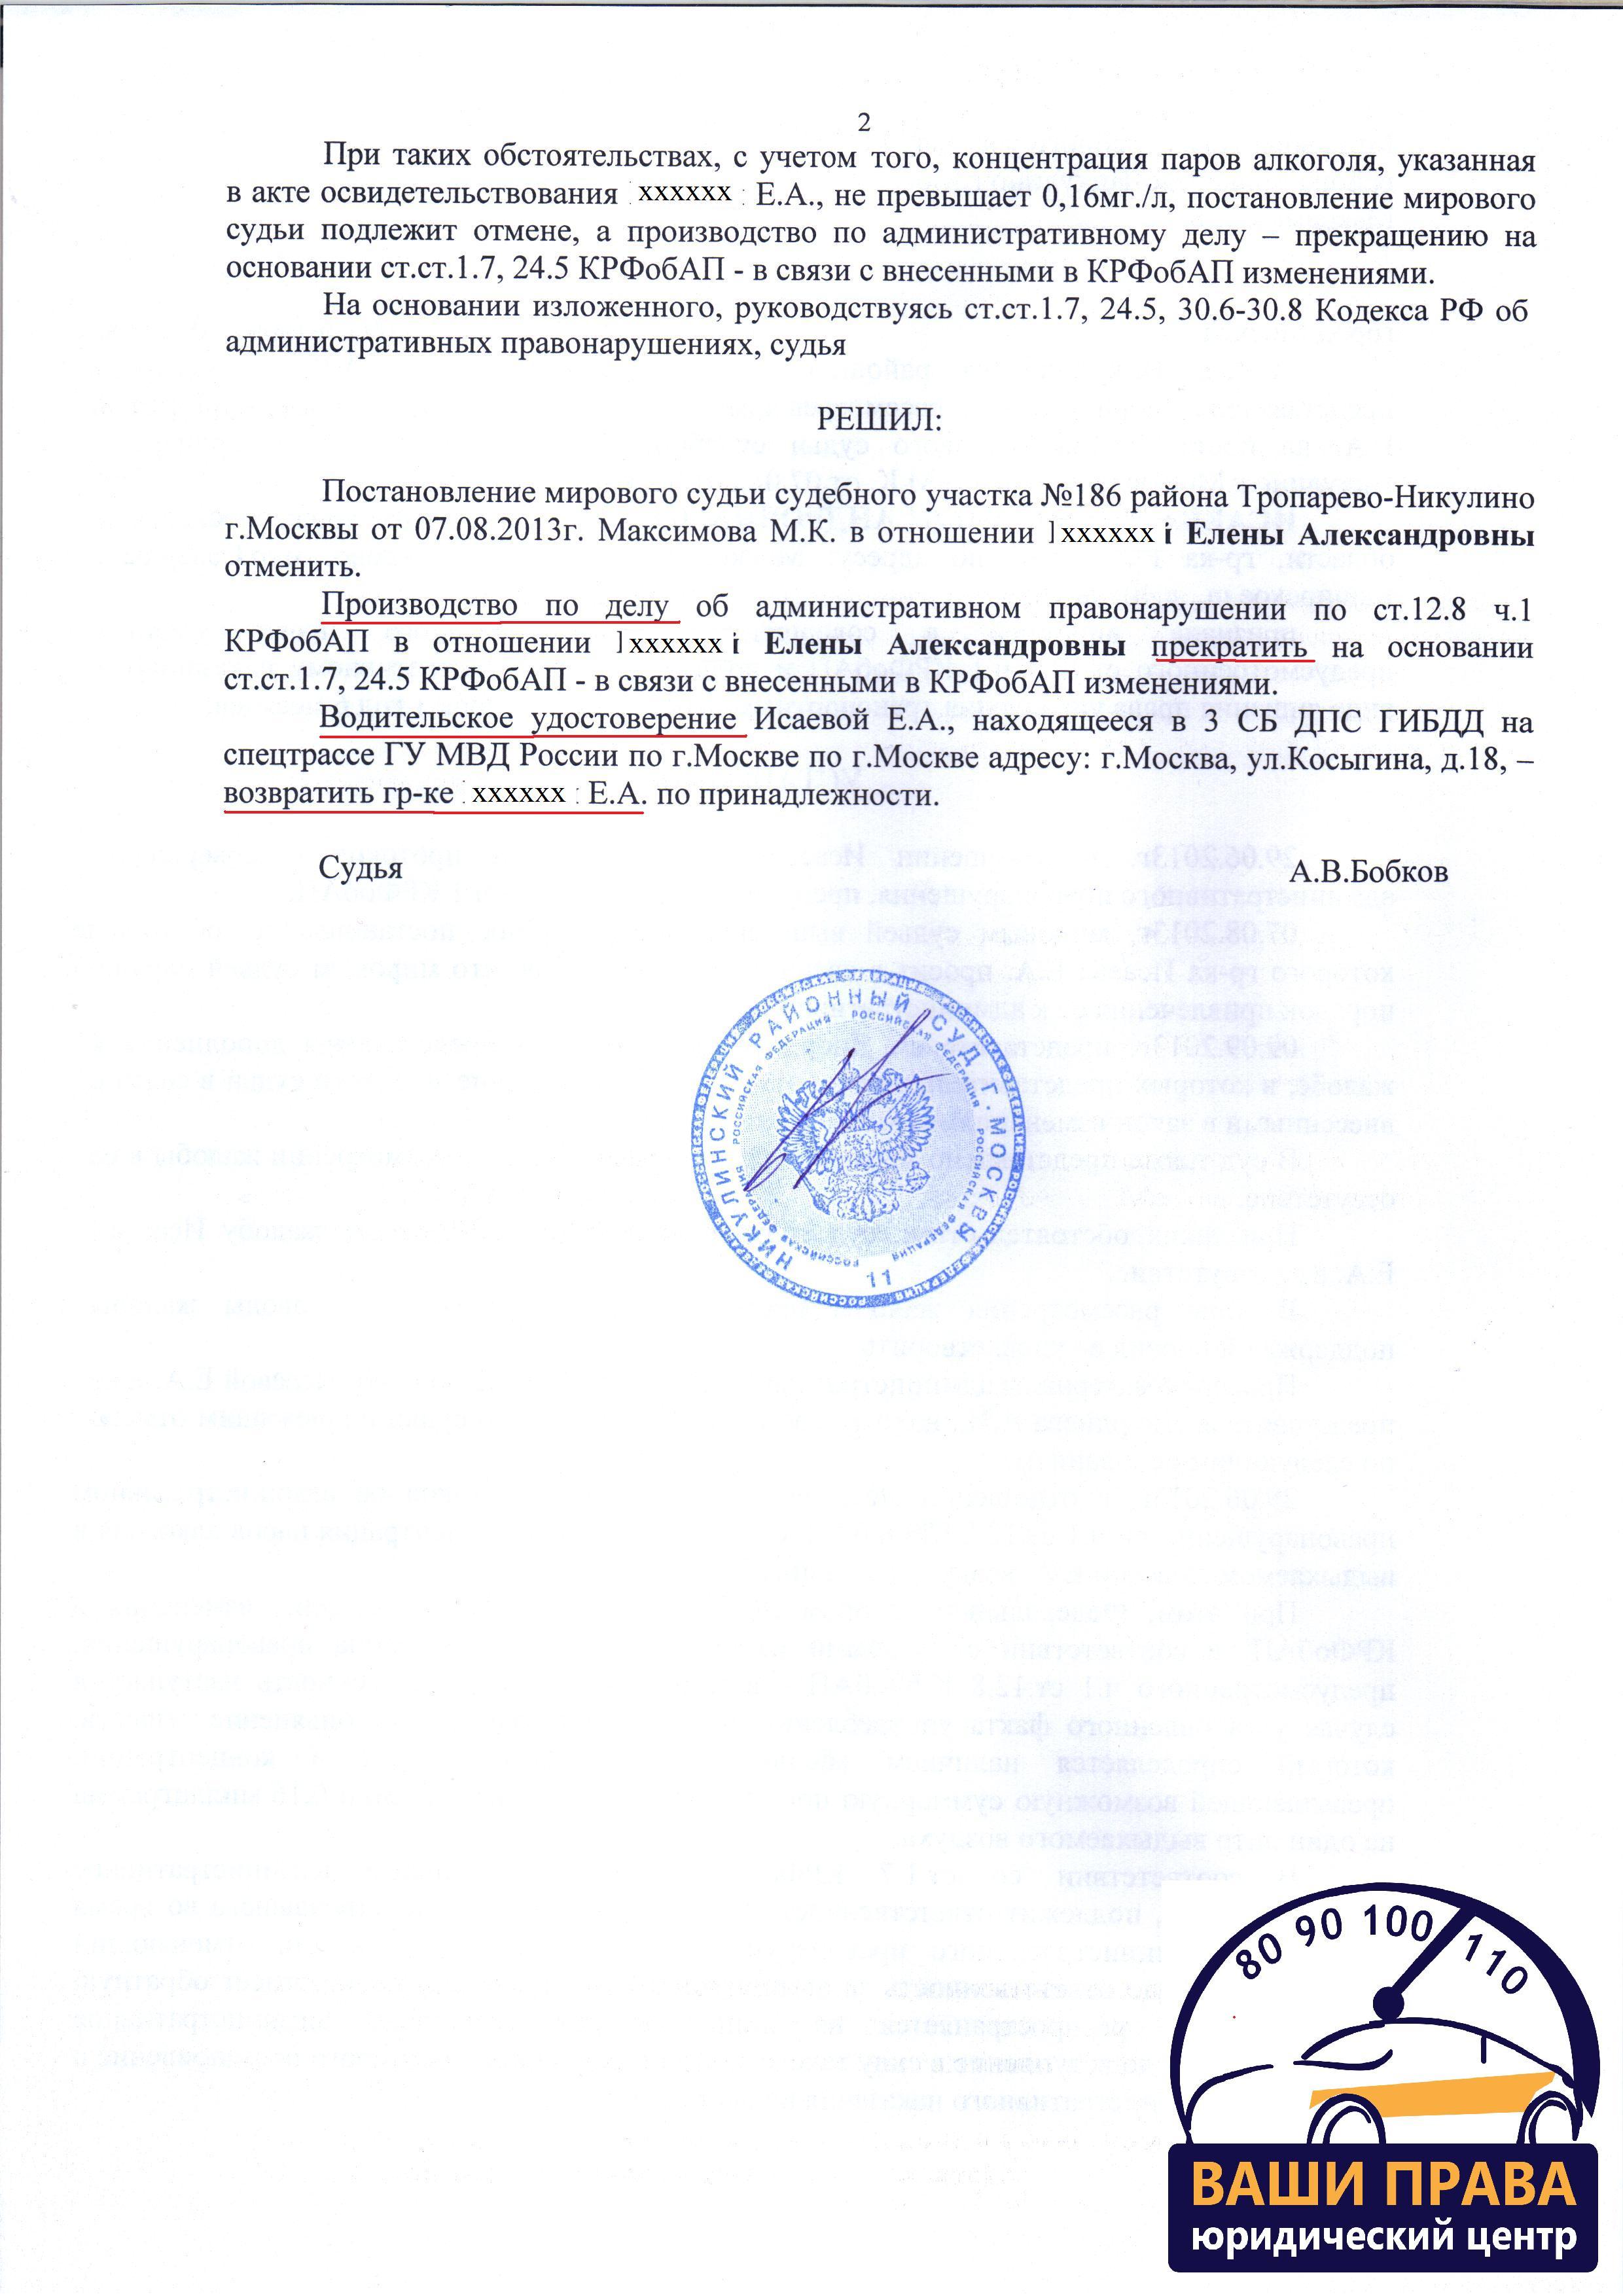 9 сентября 2013 года, г. Москва, Никулинский районный суд (л. 2)